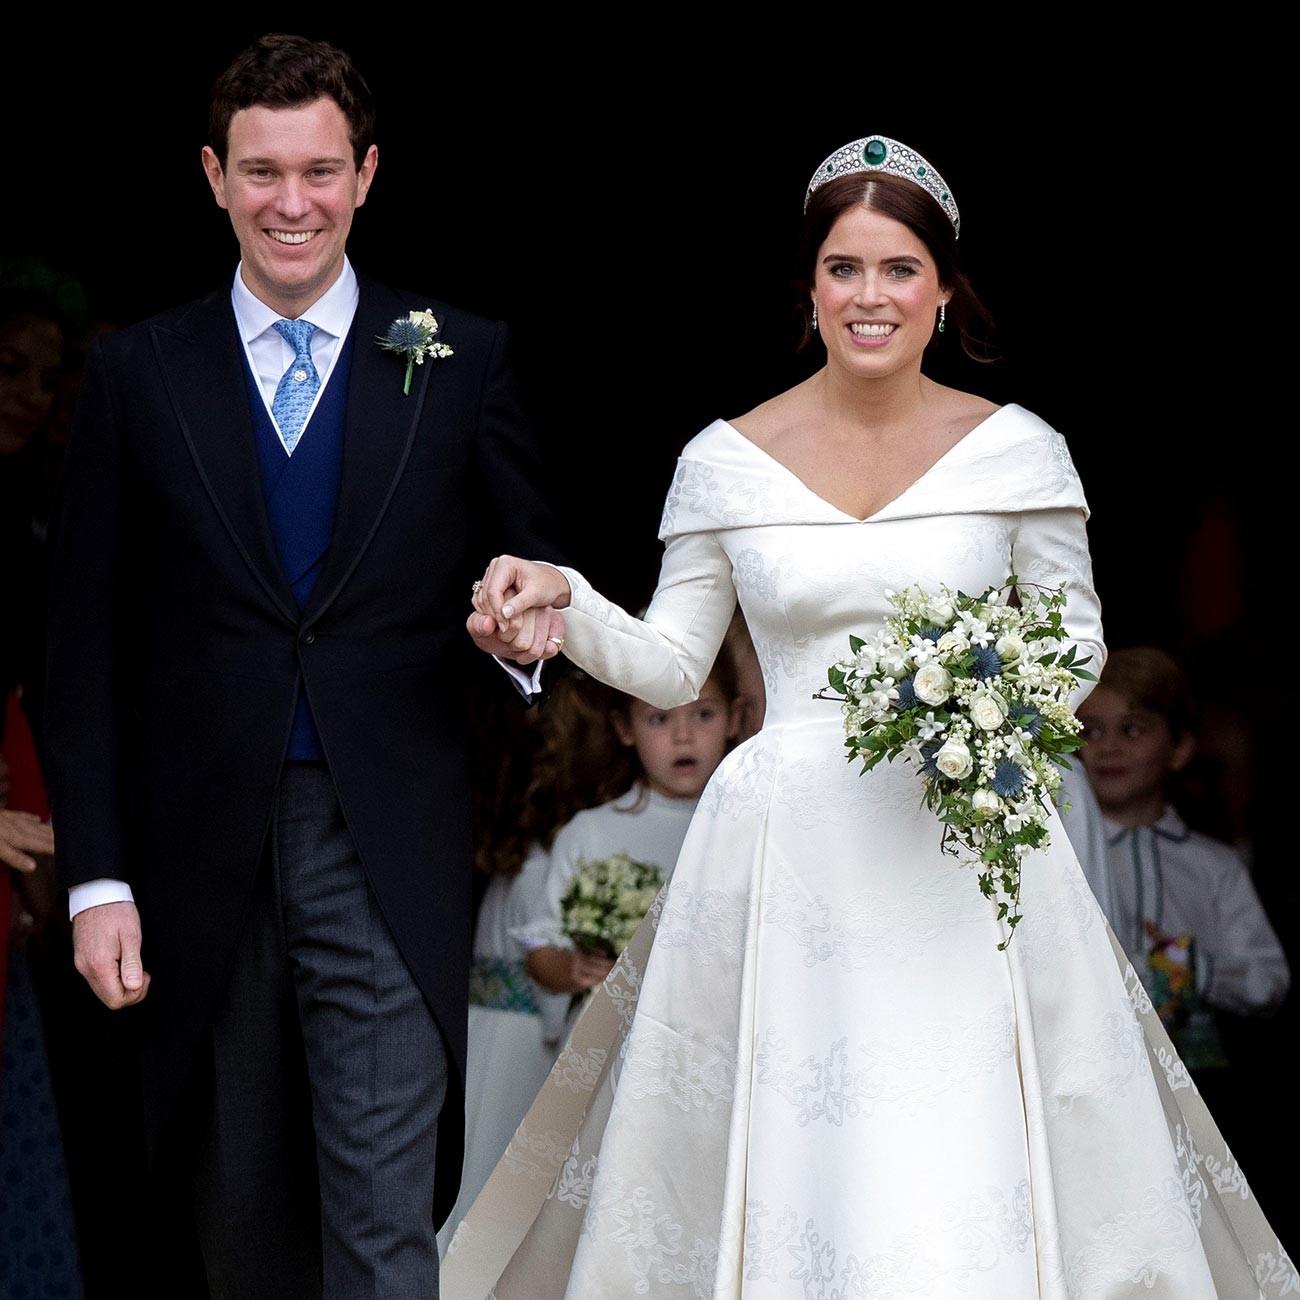 La princesa Eugenia y Jack Brooksbank dejan la capilla de San Jorge en el castillo de Windsor después de su boda en 2018.